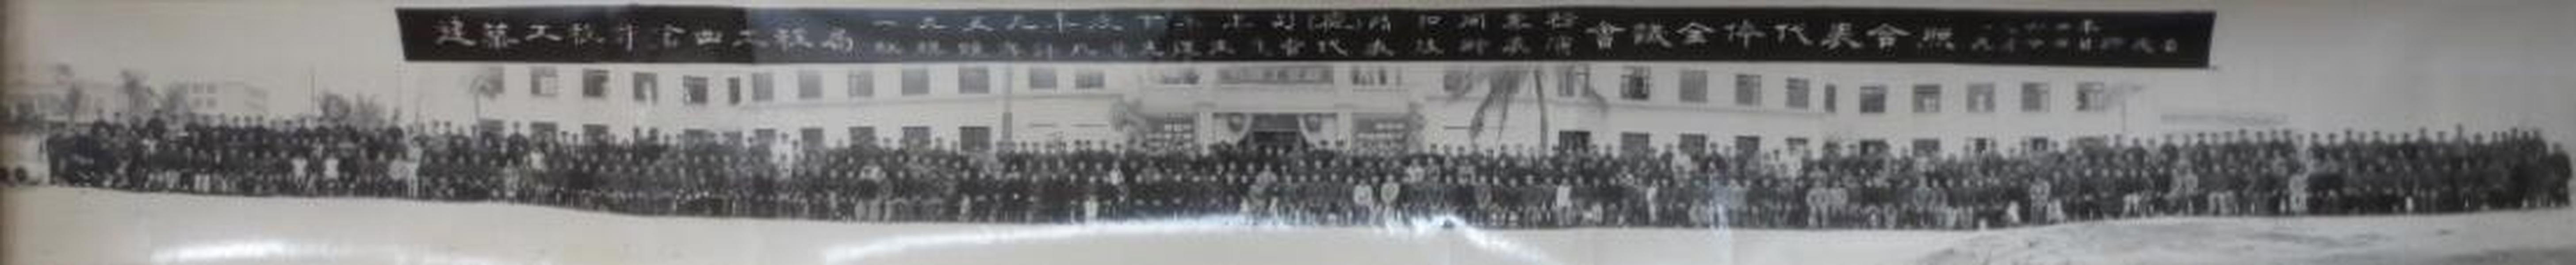 1960年建筑工程部第四工程局一九五九年度下半年司(厂)际和同业务红旗竞赛评比暨先进生产者代表技术表演会议全体代表合照